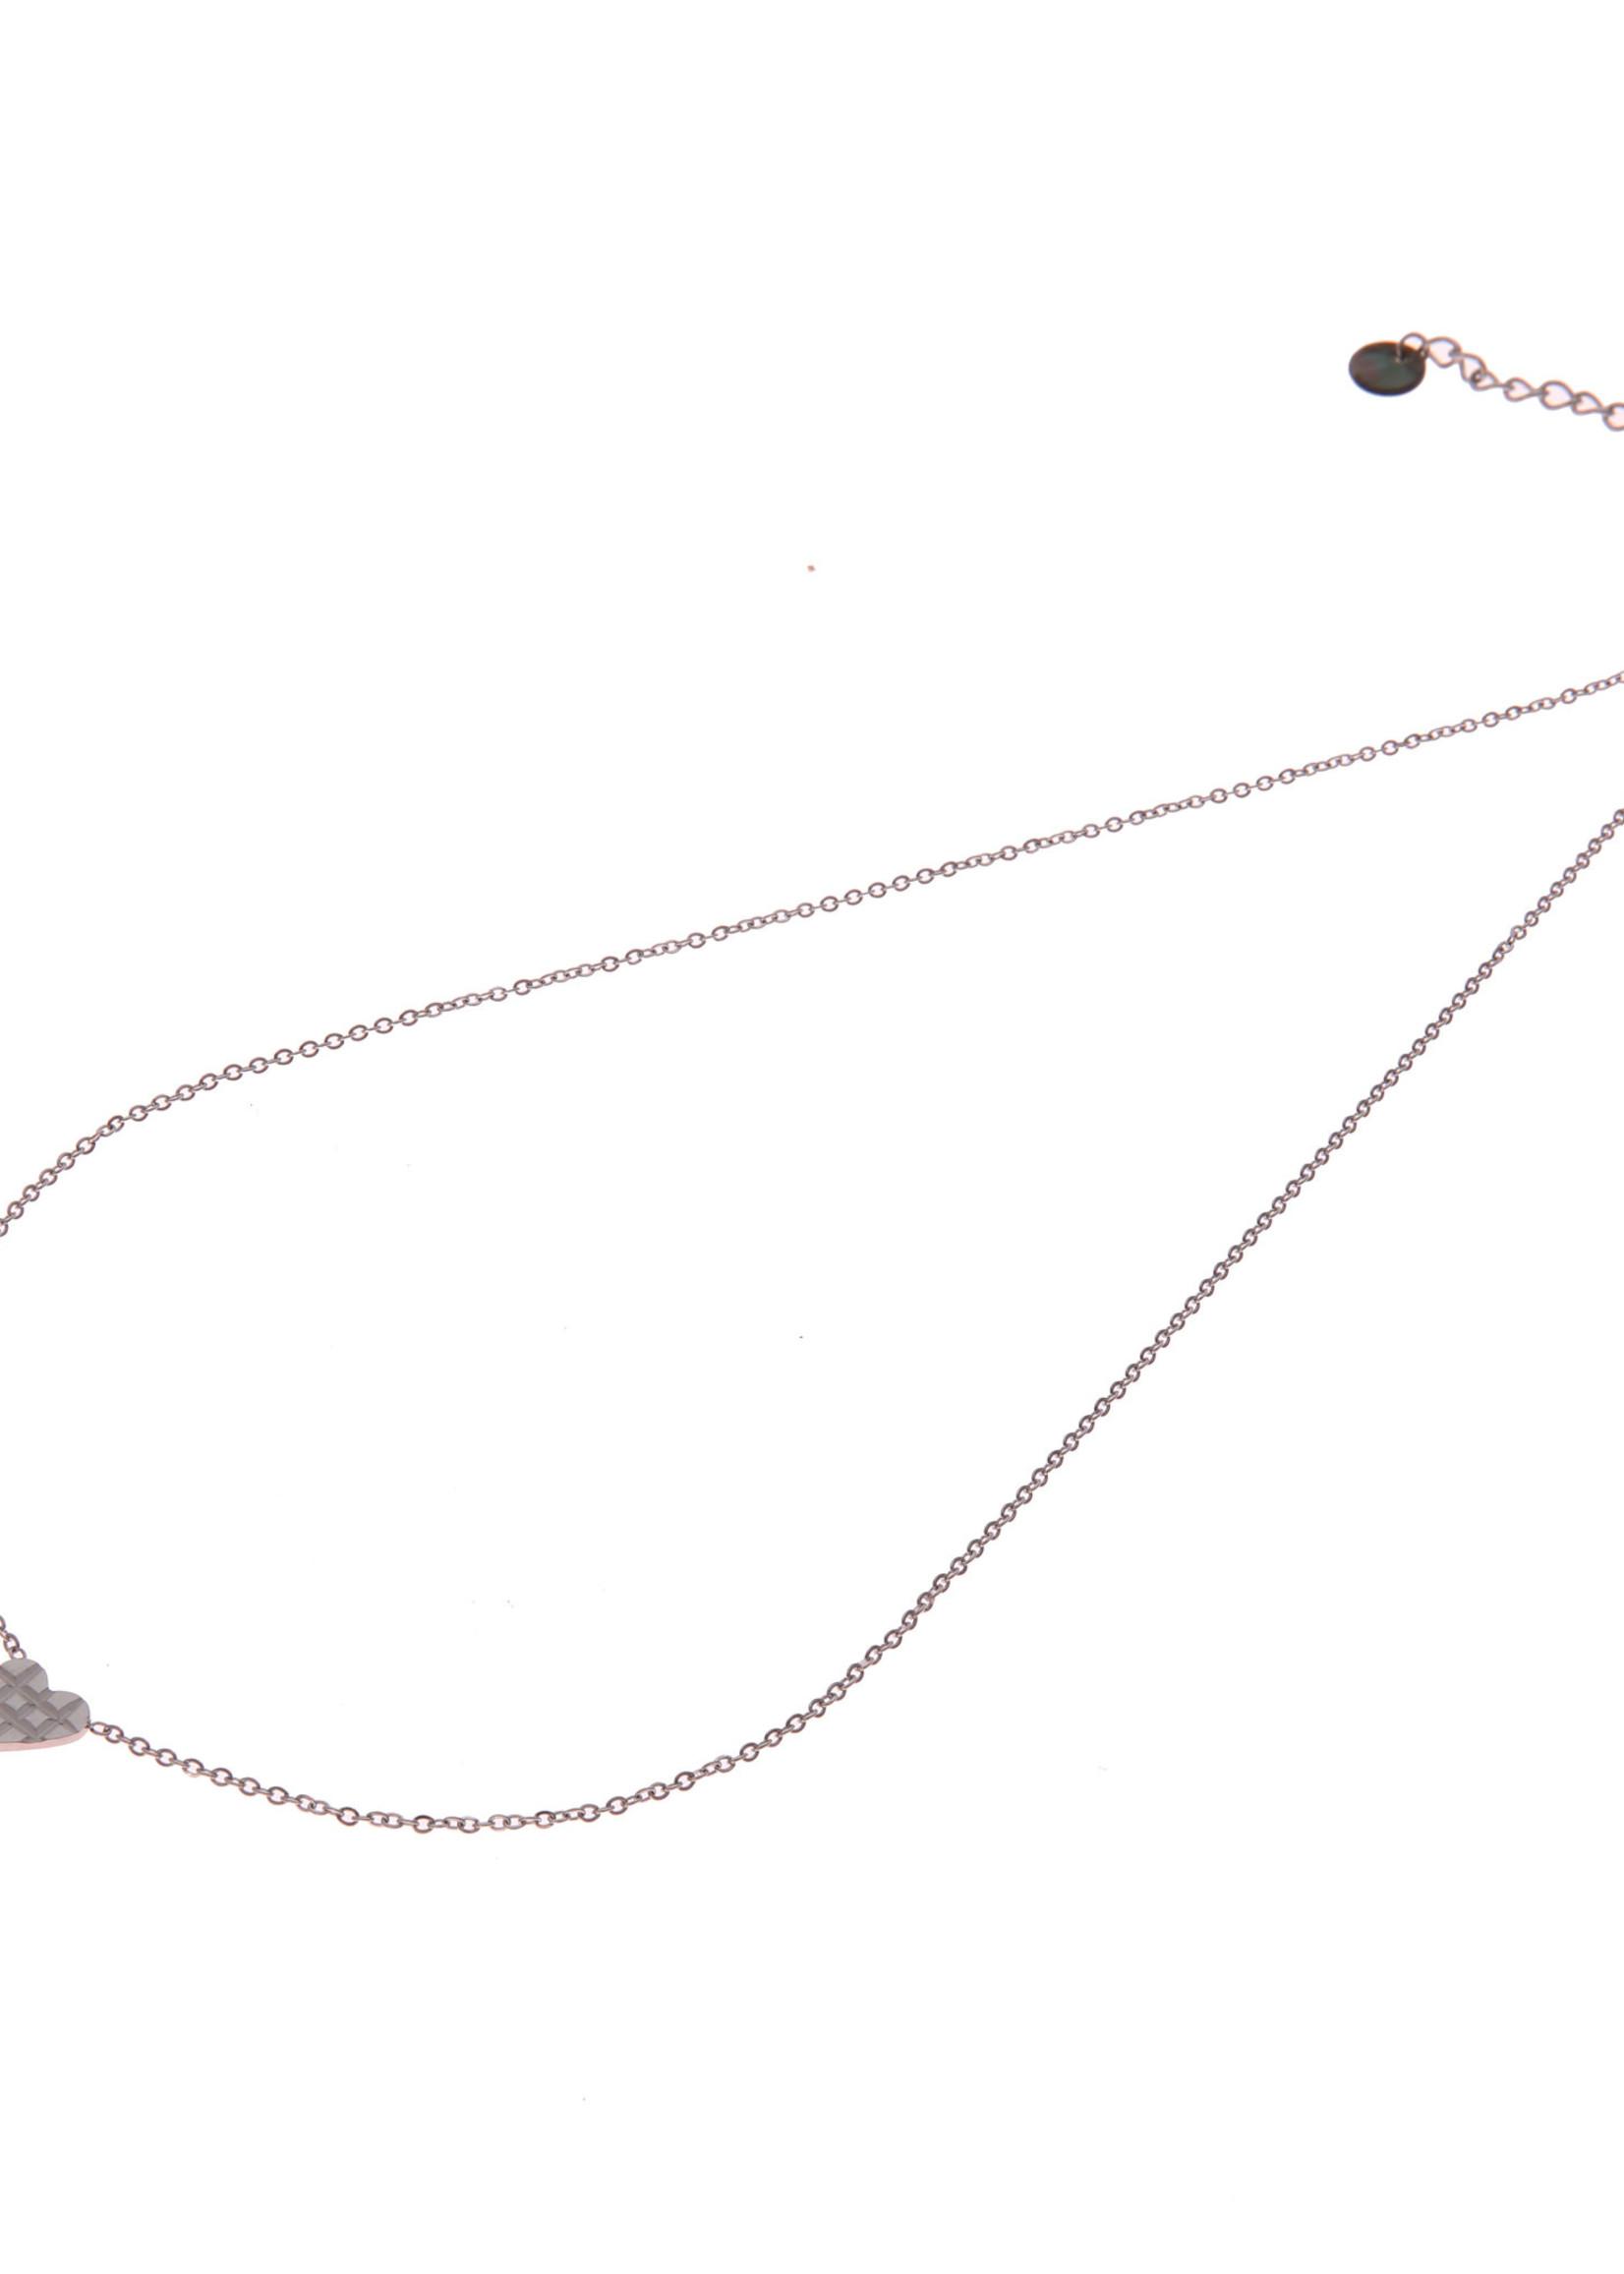 Ketting zilver hartje met wafelpatroon N0893-1